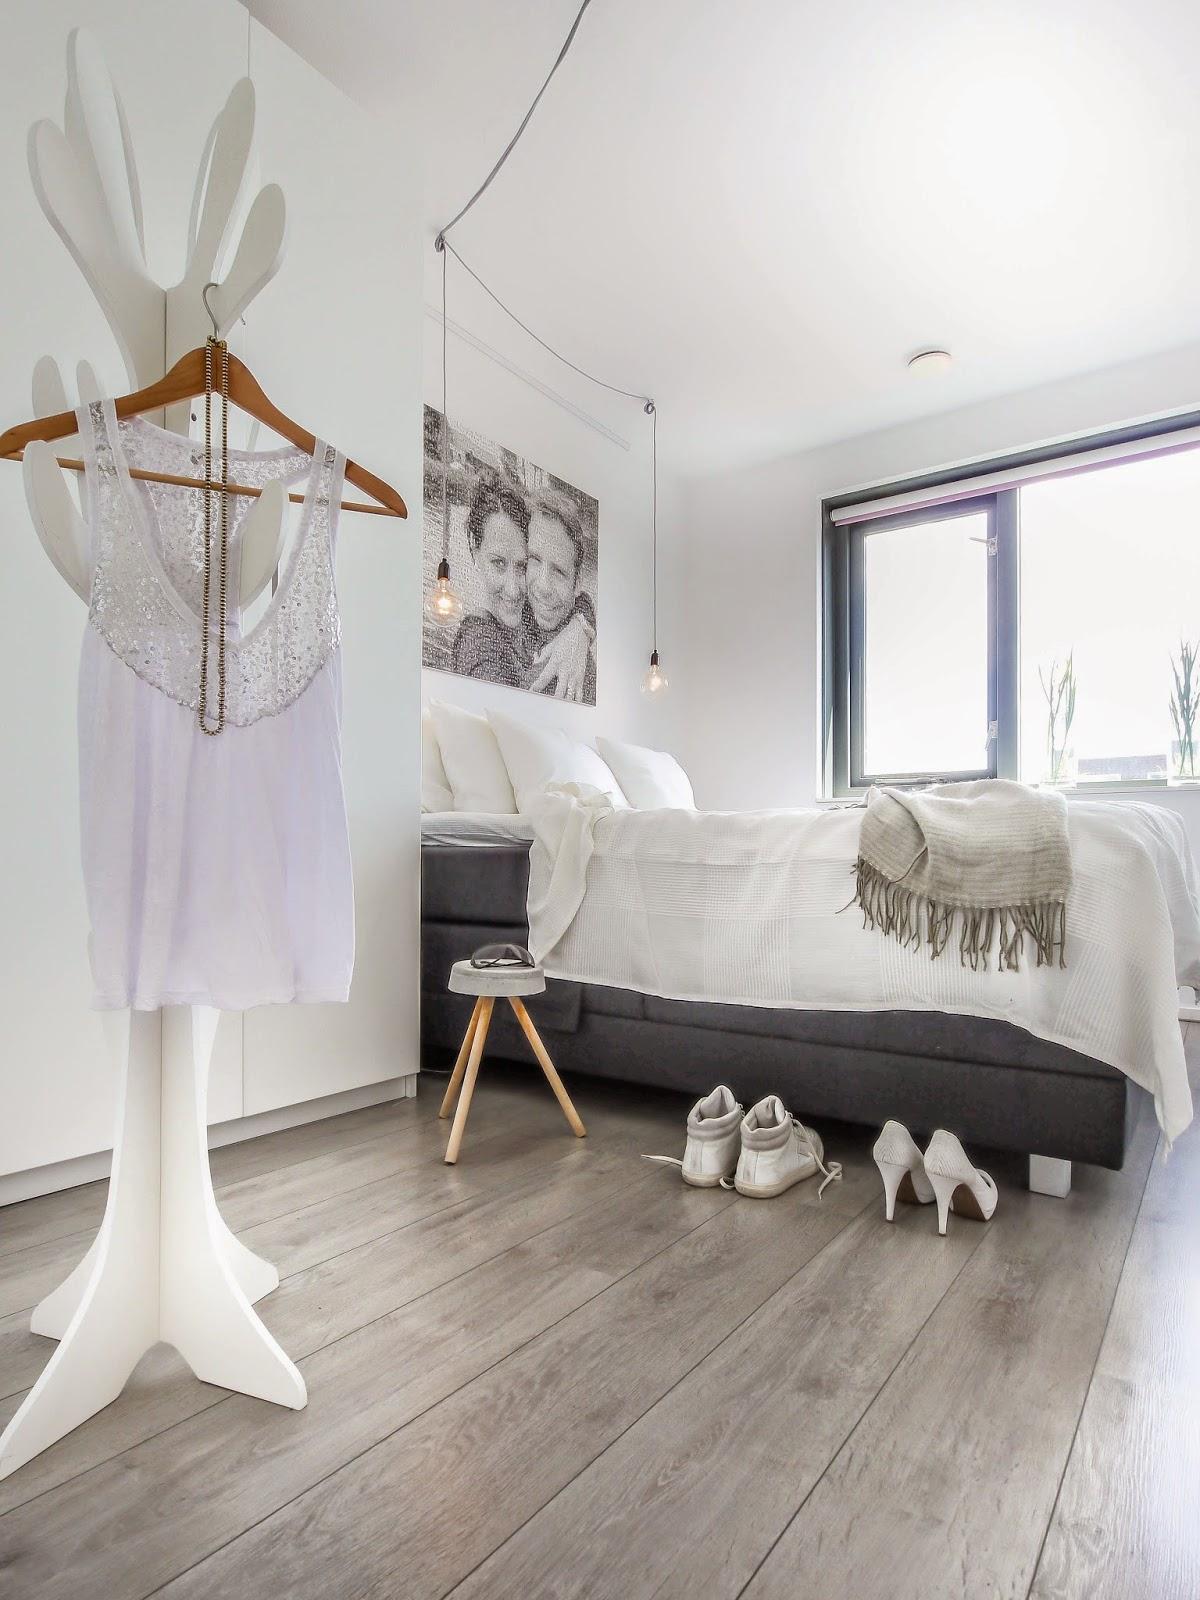 kleine slaapkamer inrichten kind : elementen bij je slaapkamer ...